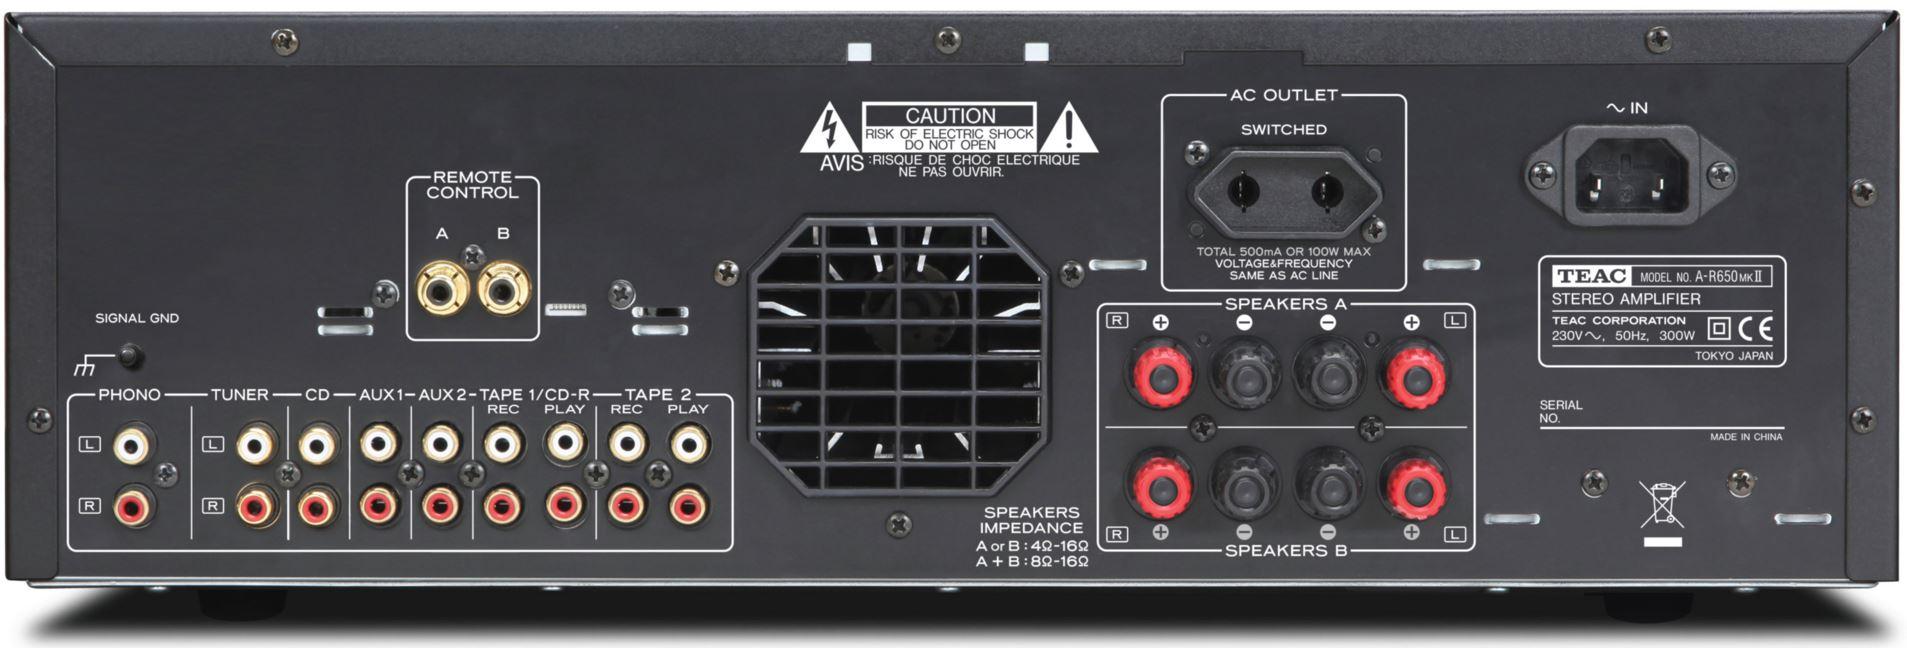 A-R650MK2 Bl